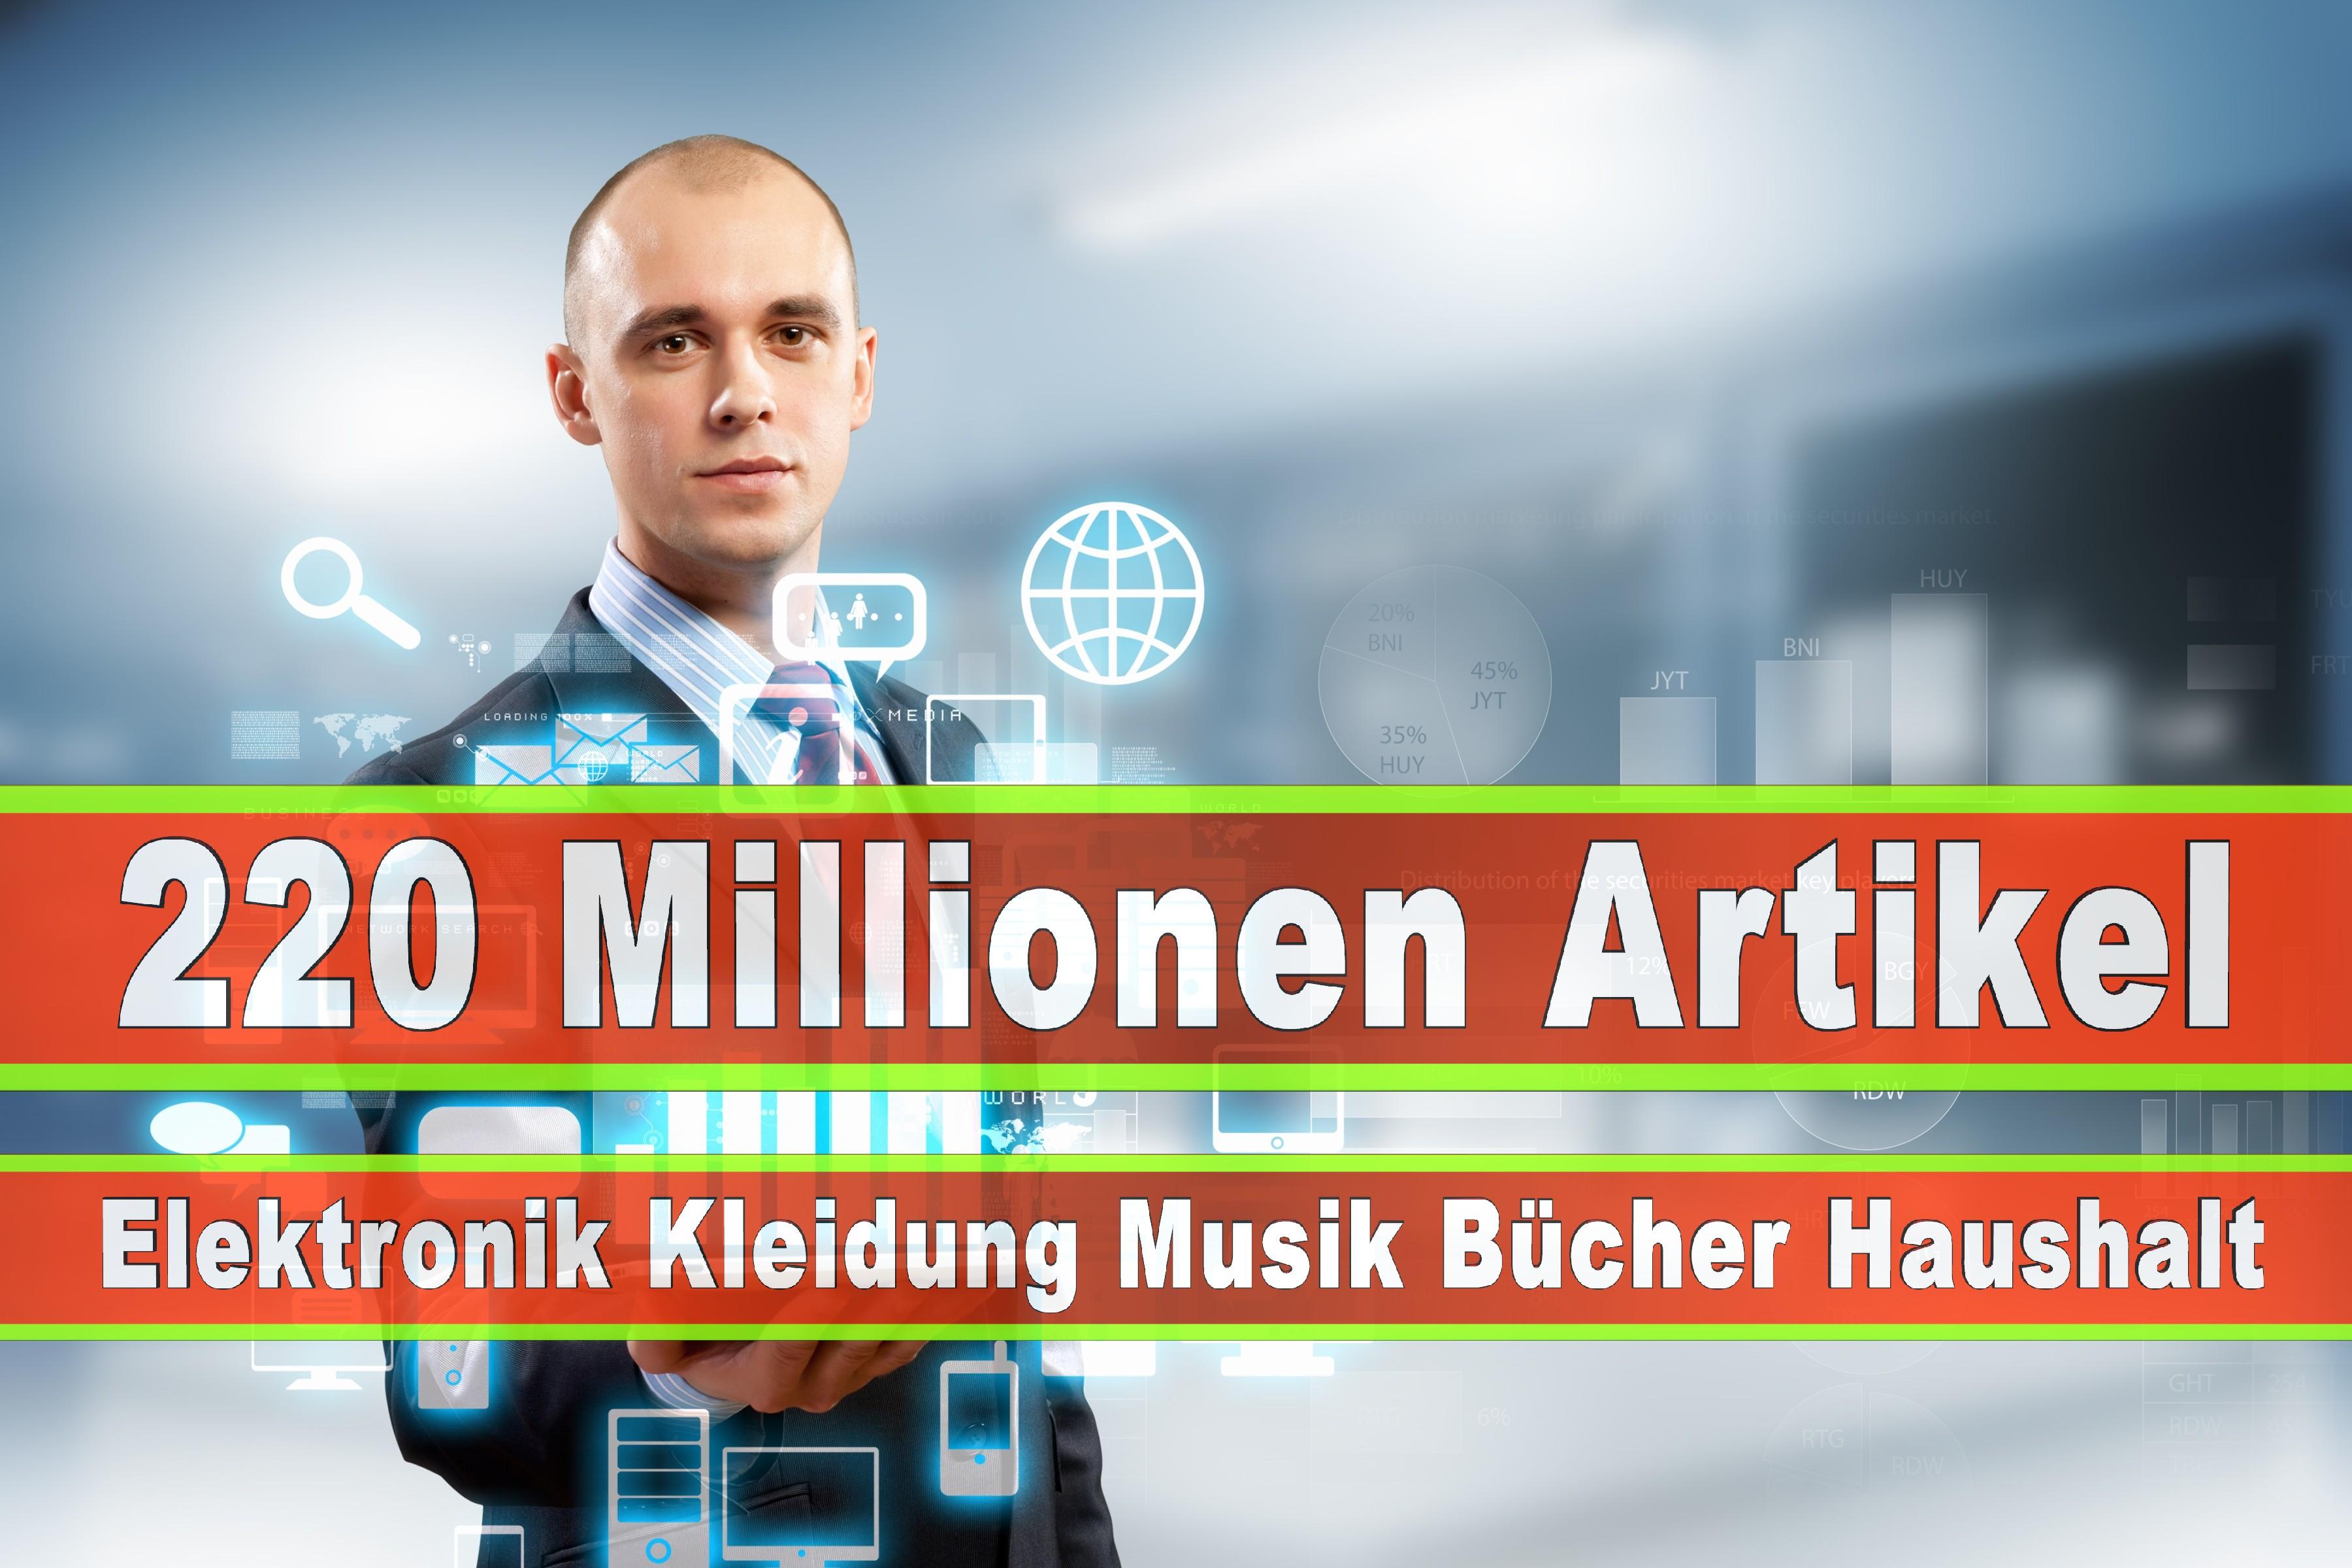 Amazon Elektronik Musik Haushalt Bücher CD DVD Handys Smartphones TV Television Fernseher Kleidung Mode Ebay Versandhaus (24)